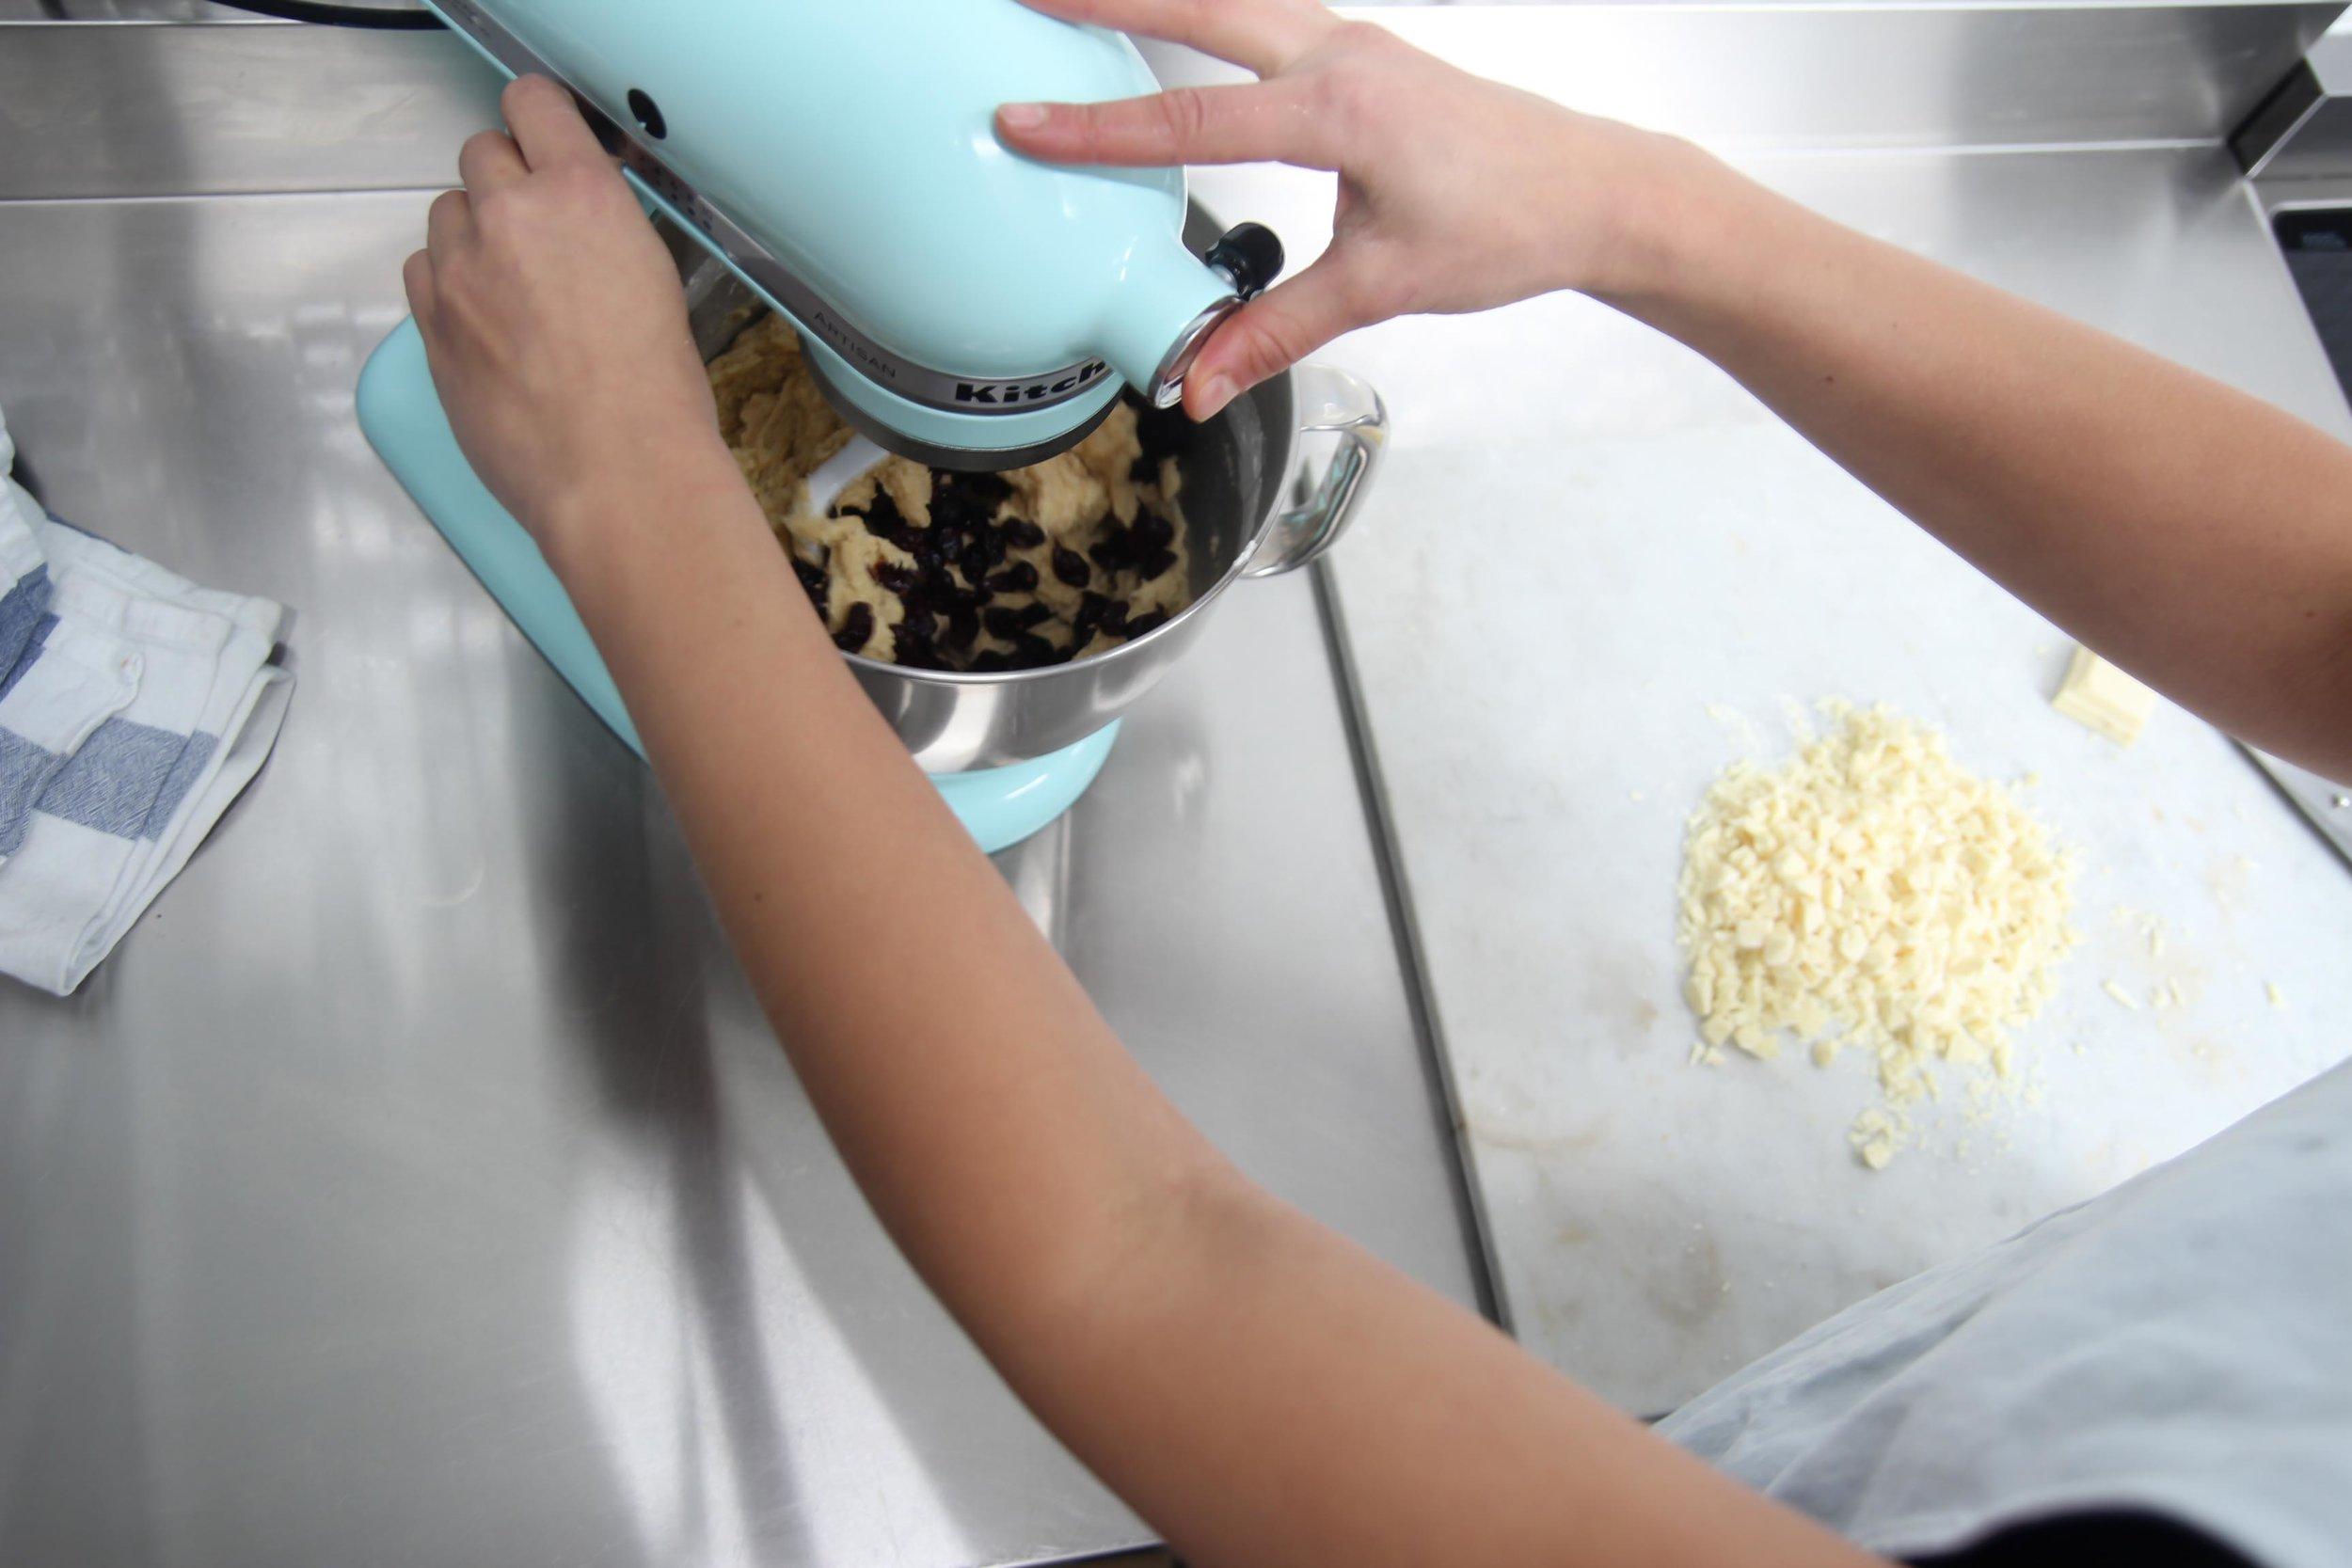 Butter und Zucker mit dem Mixer cremig aufschlagen. Eier einzeln zugeben. Mehl, Backpulver, Natron und Salz mischen und kurz unterrühren. Schokolade und Cranberries reindengeln.